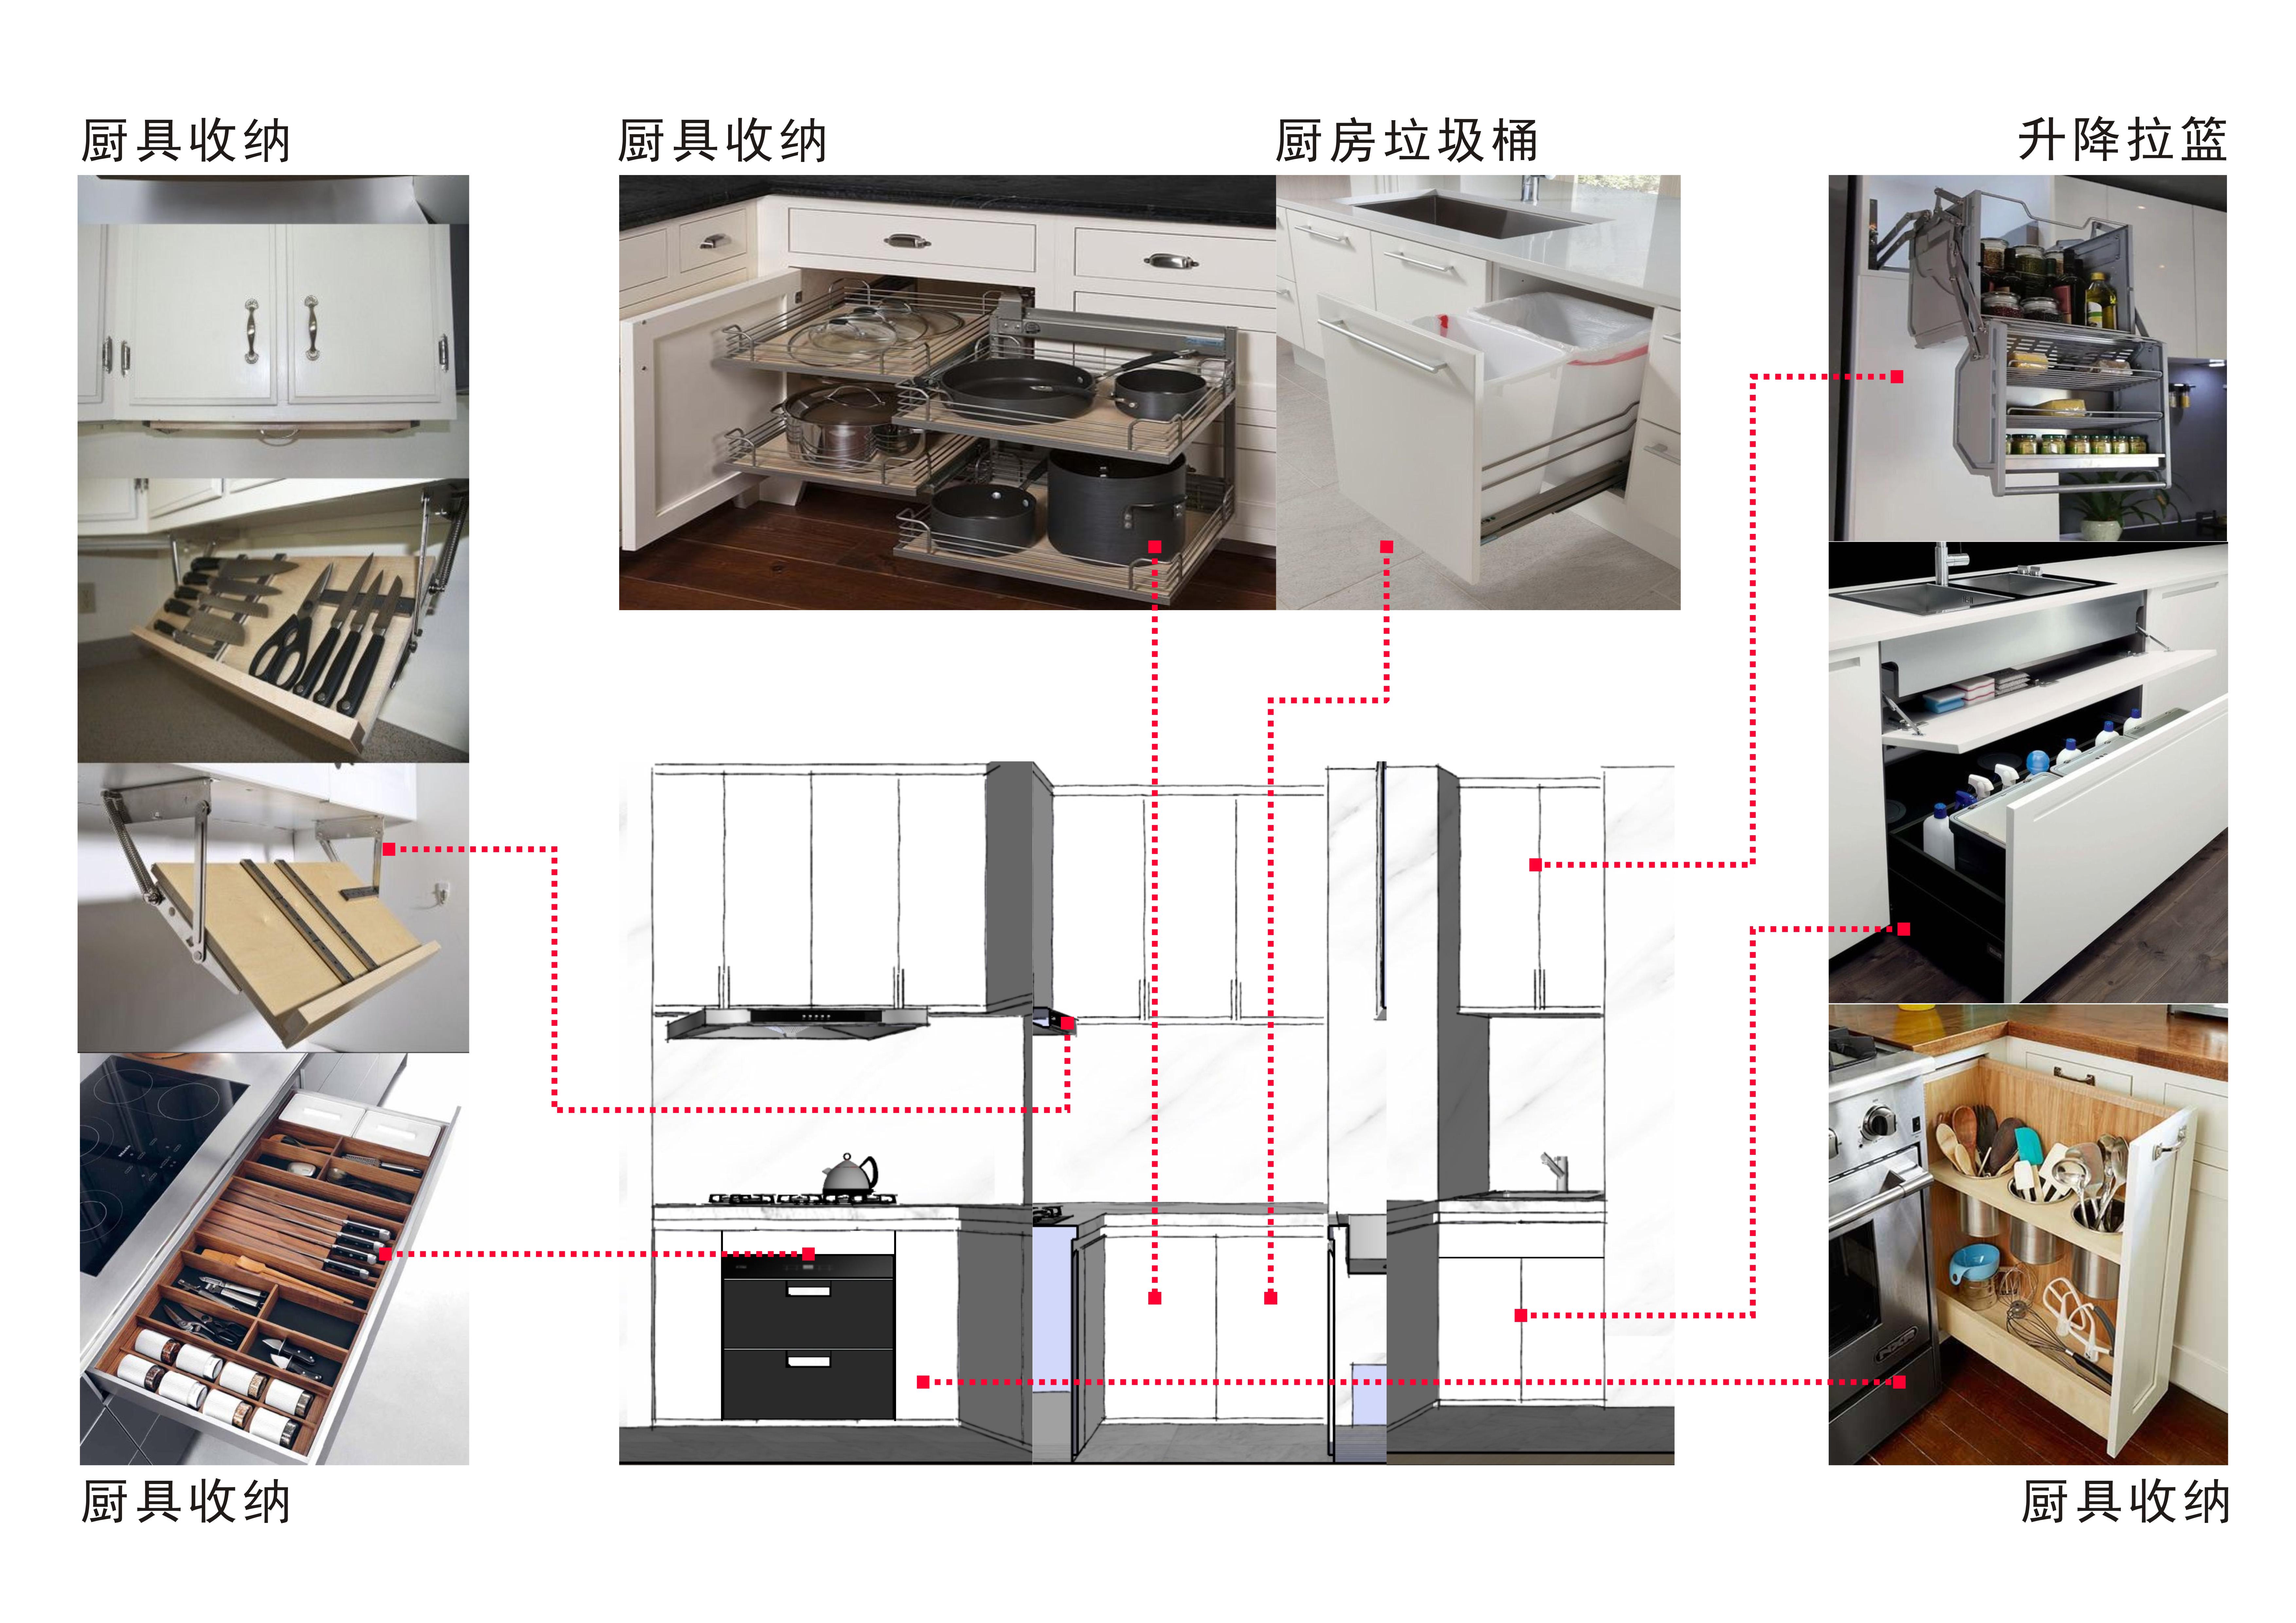 厨房图片来自用户20000004116197在默认专辑的分享